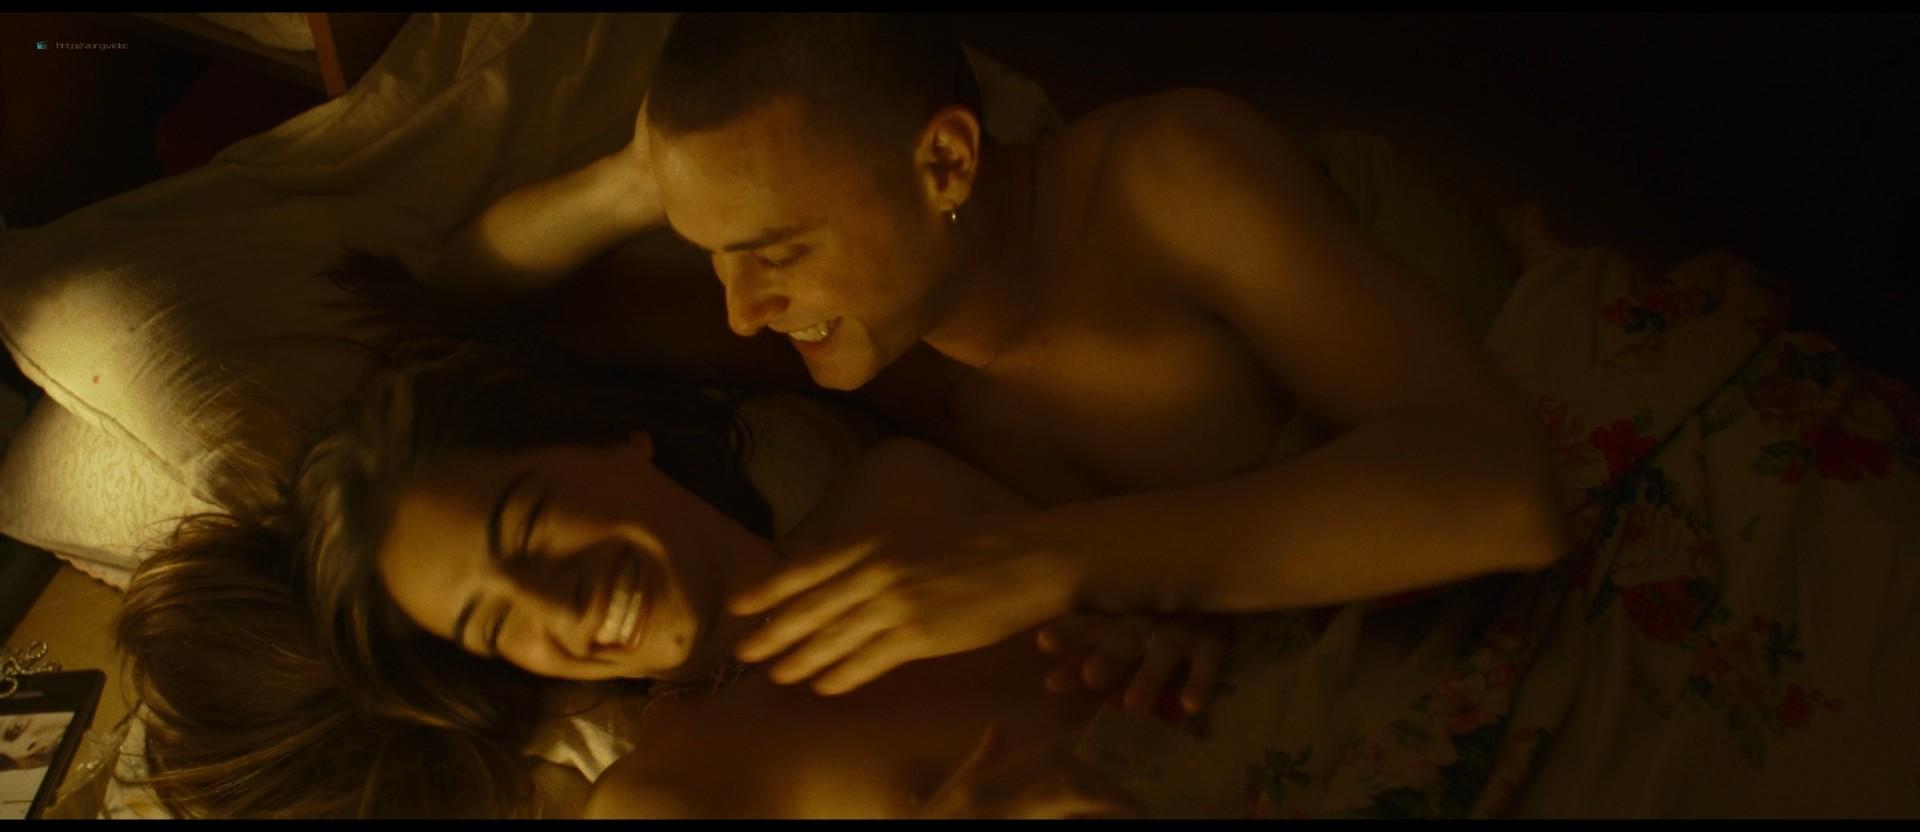 Michela De Rossi nude topless and hot sex - La Terra dell'abbastanza (IT-2018) HD 1080p BluRay (6)